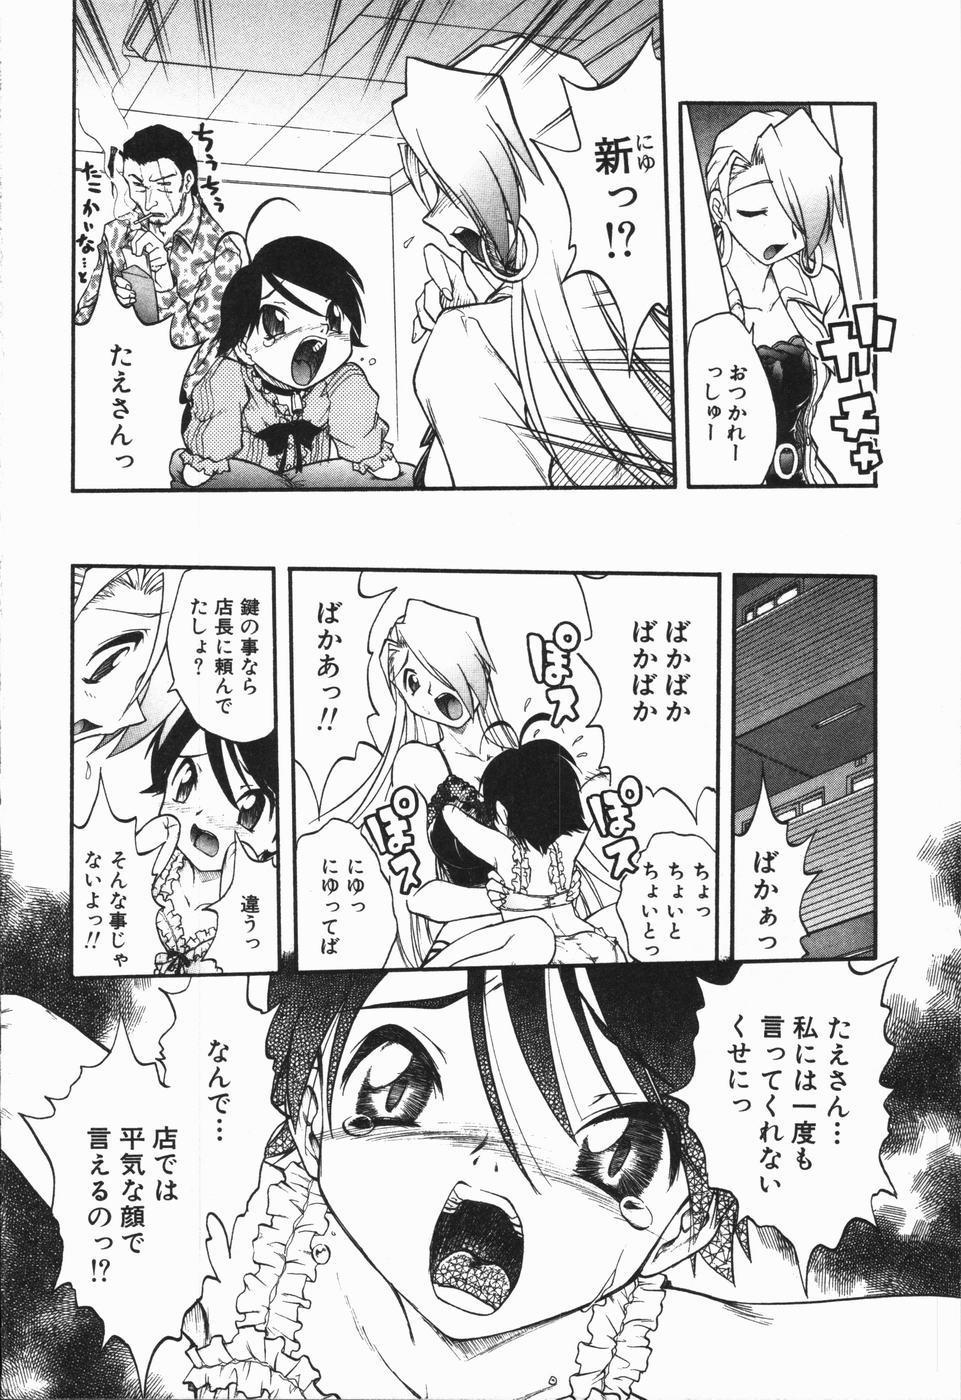 [Oka Sundome] Mebina-tachi no Gogo | -Maybe-na Afternoon- 121